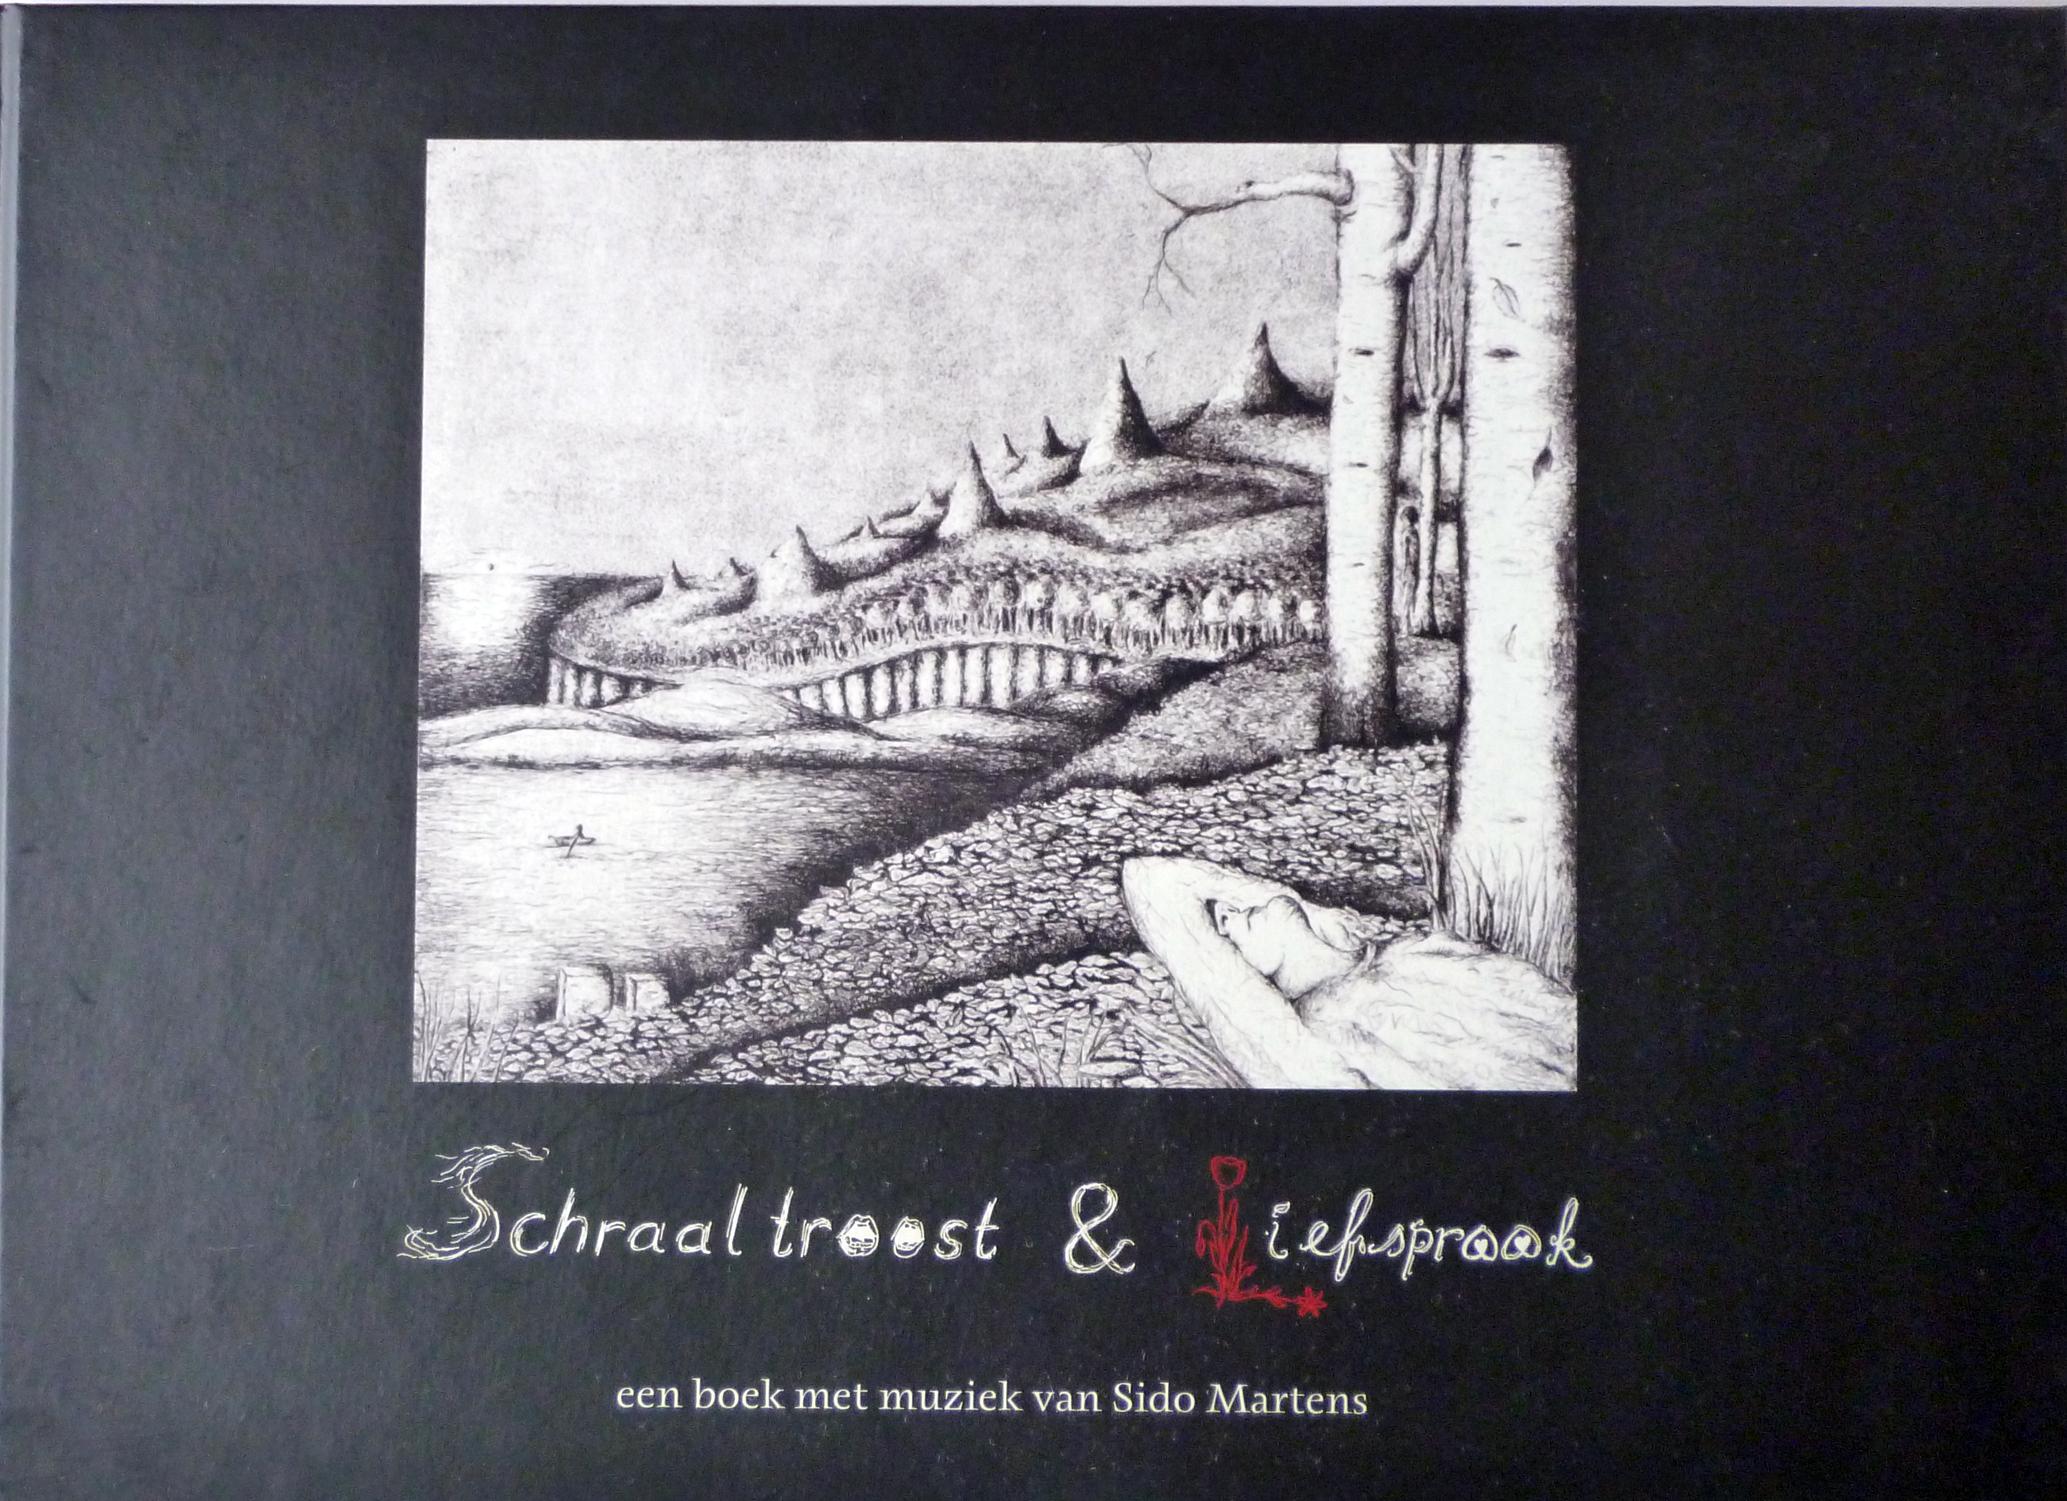 21 schraaltroost & liefspraak boek + cd 2009